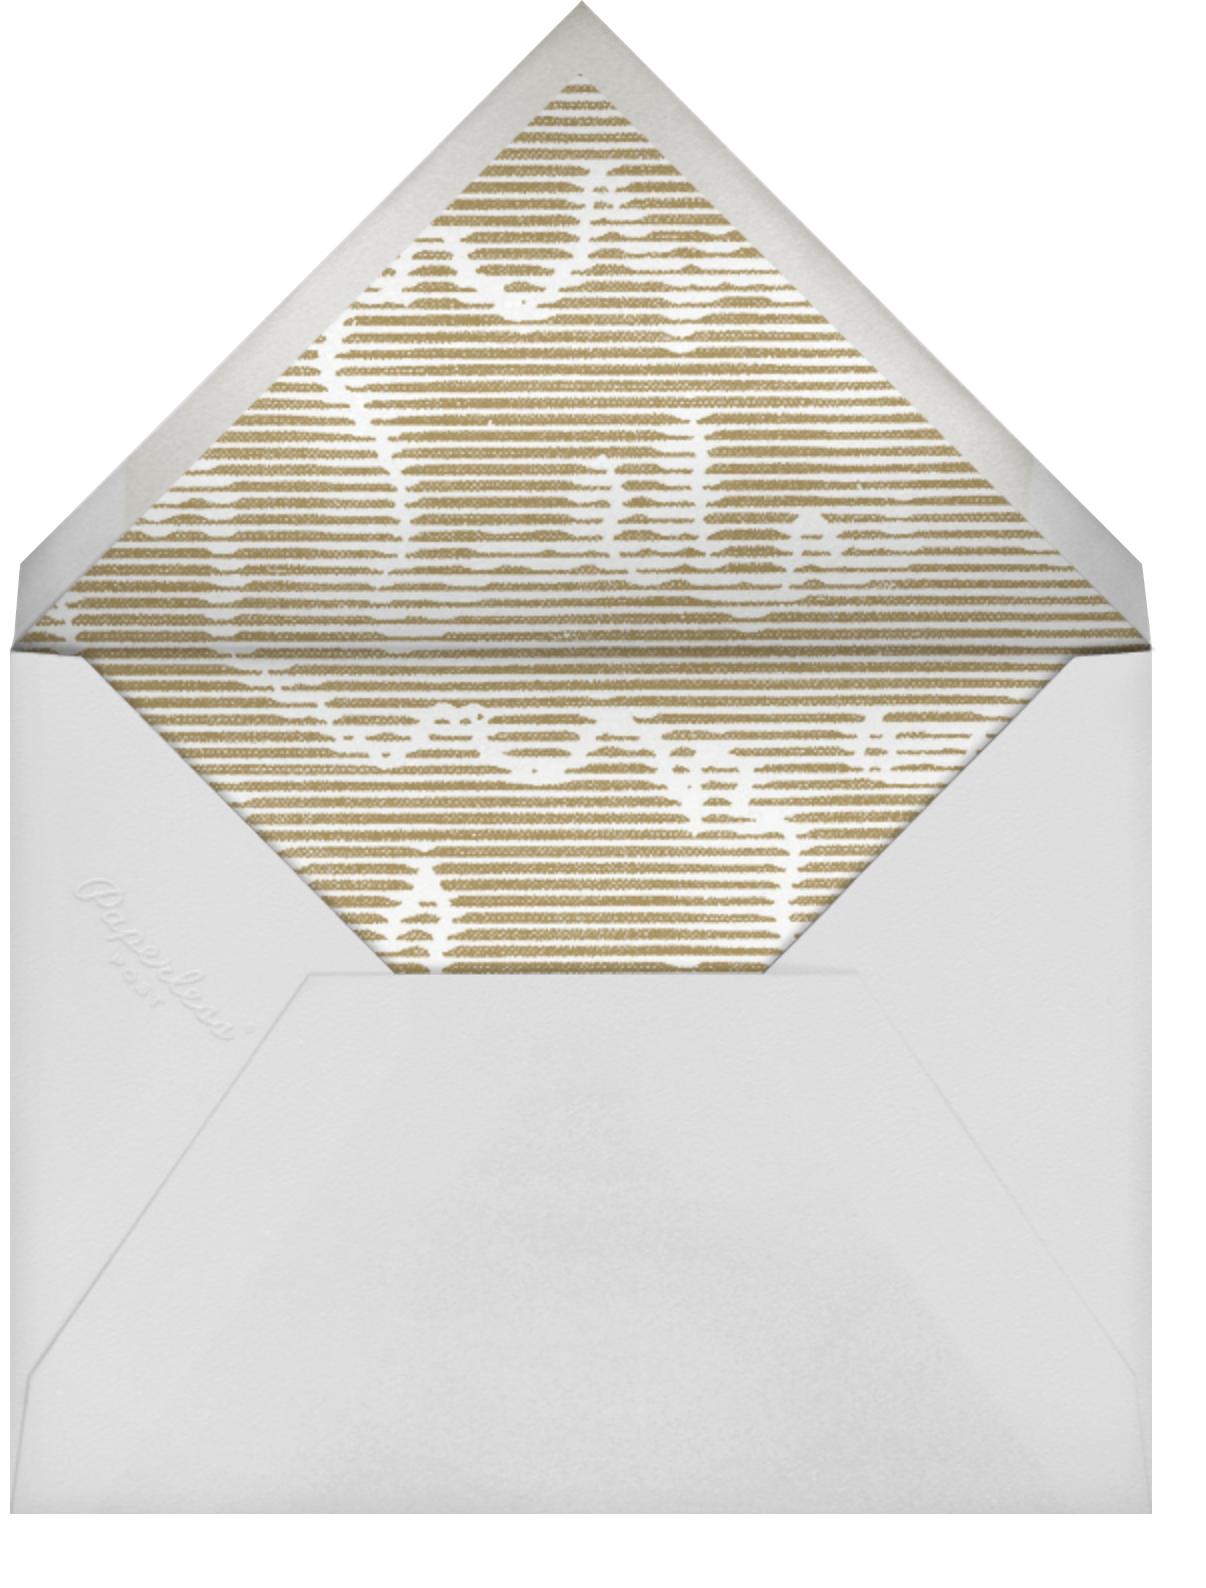 Plaustro - Kelly Wearstler - Envelope